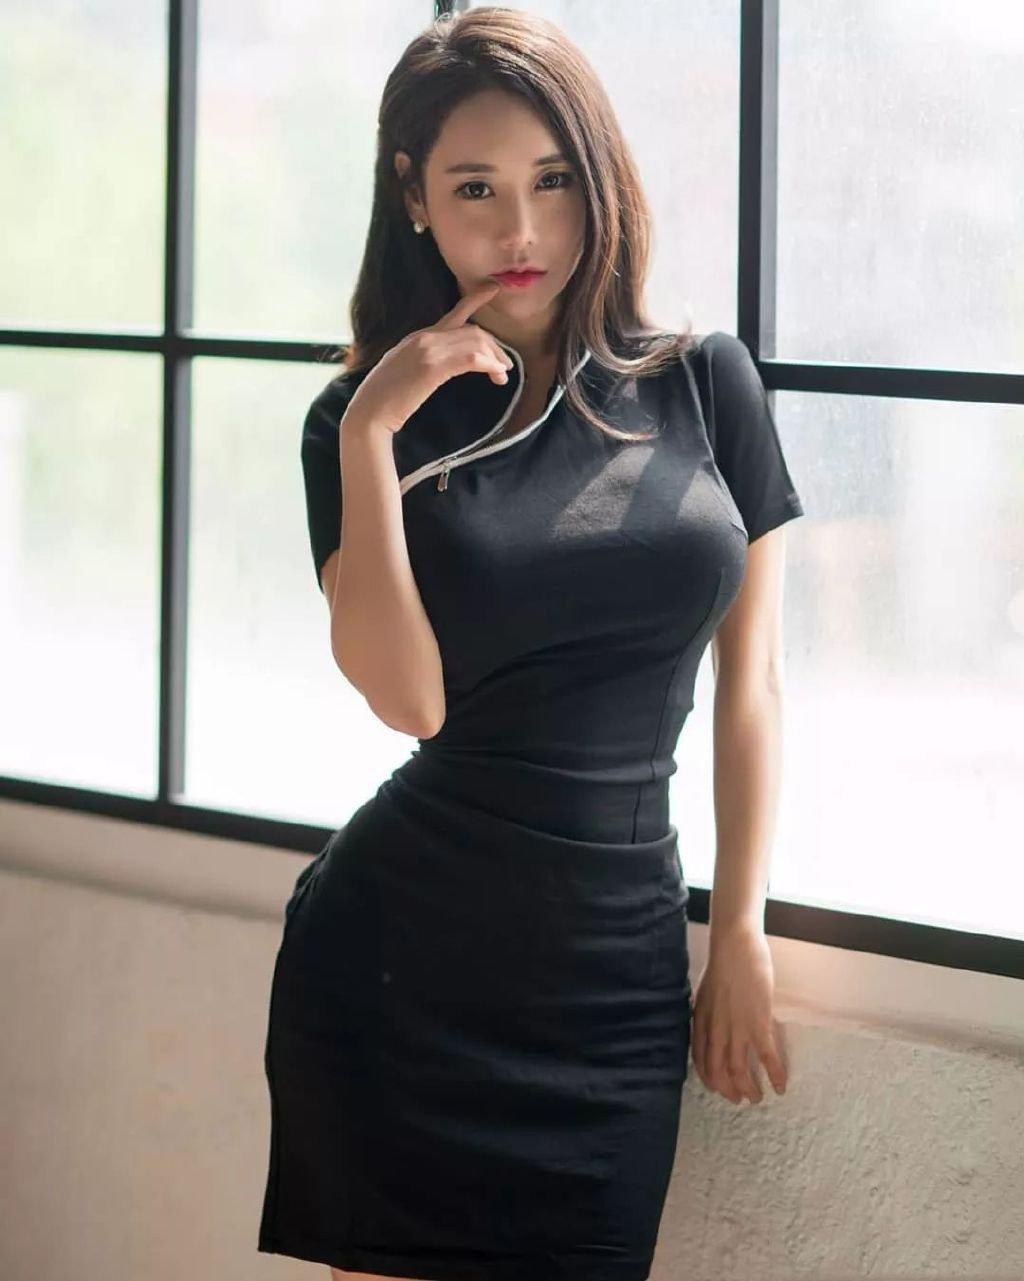 你们觉得穿旗袍的女人有味道吗?